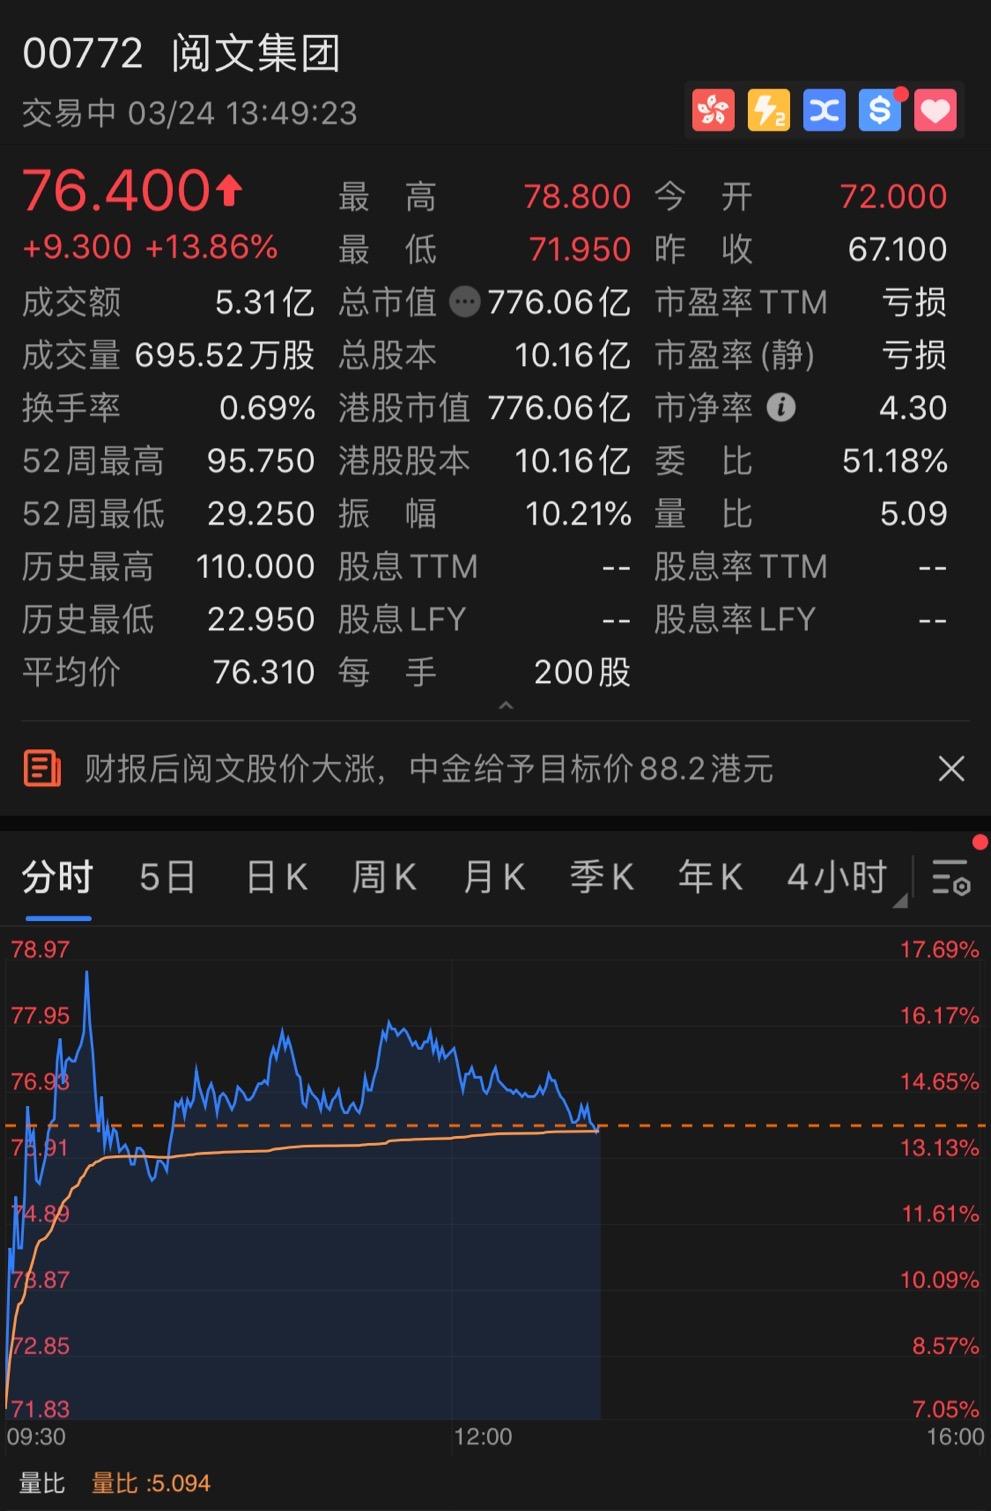 阅文集团业绩反转股价上涨14%,中金公司上调目标价